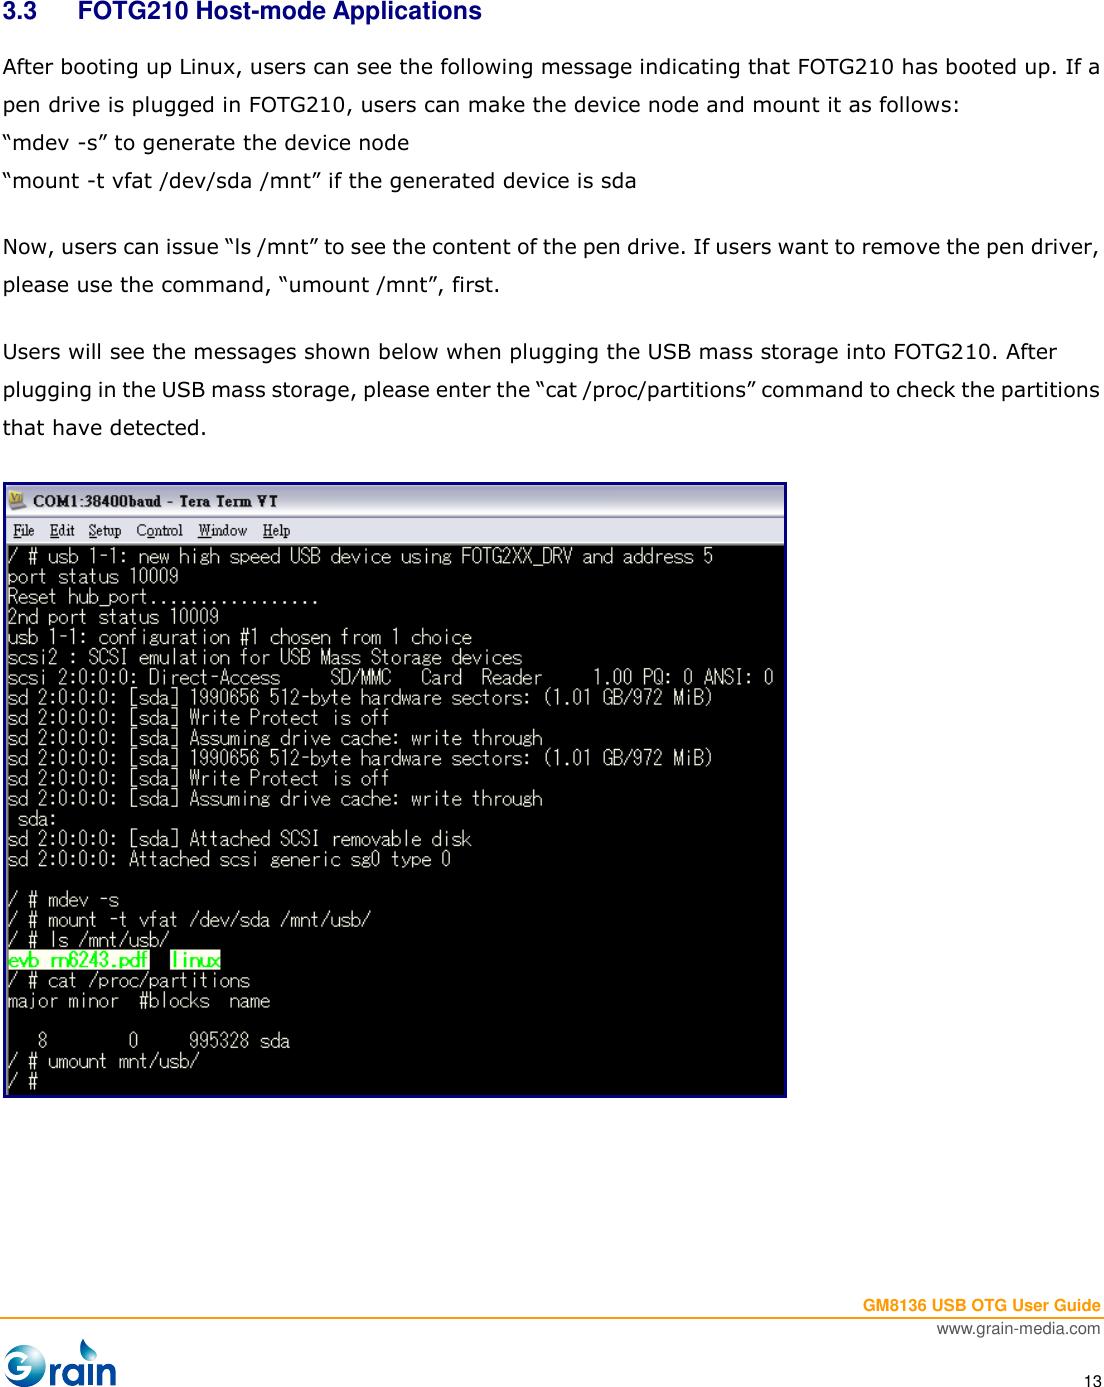 Description GM8136 USB OTG User Guide V1 1